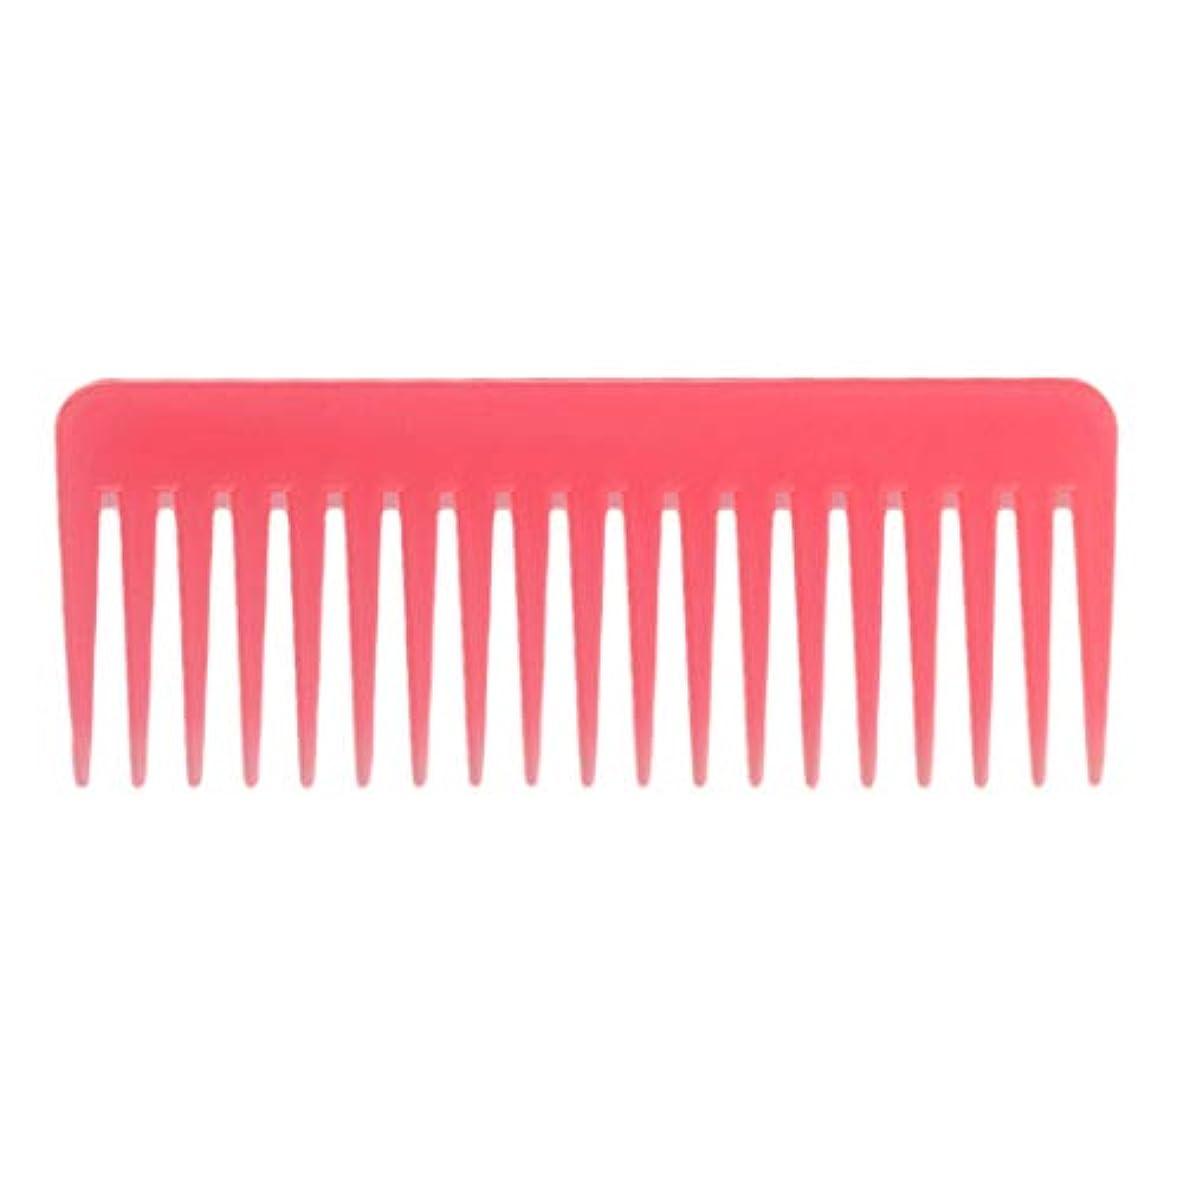 百万引き受けるヒール巻き毛の太い髪用の広い歯のもつれのくしサロンシャンプーヘアブラシくし、6.1 ' - ピンク